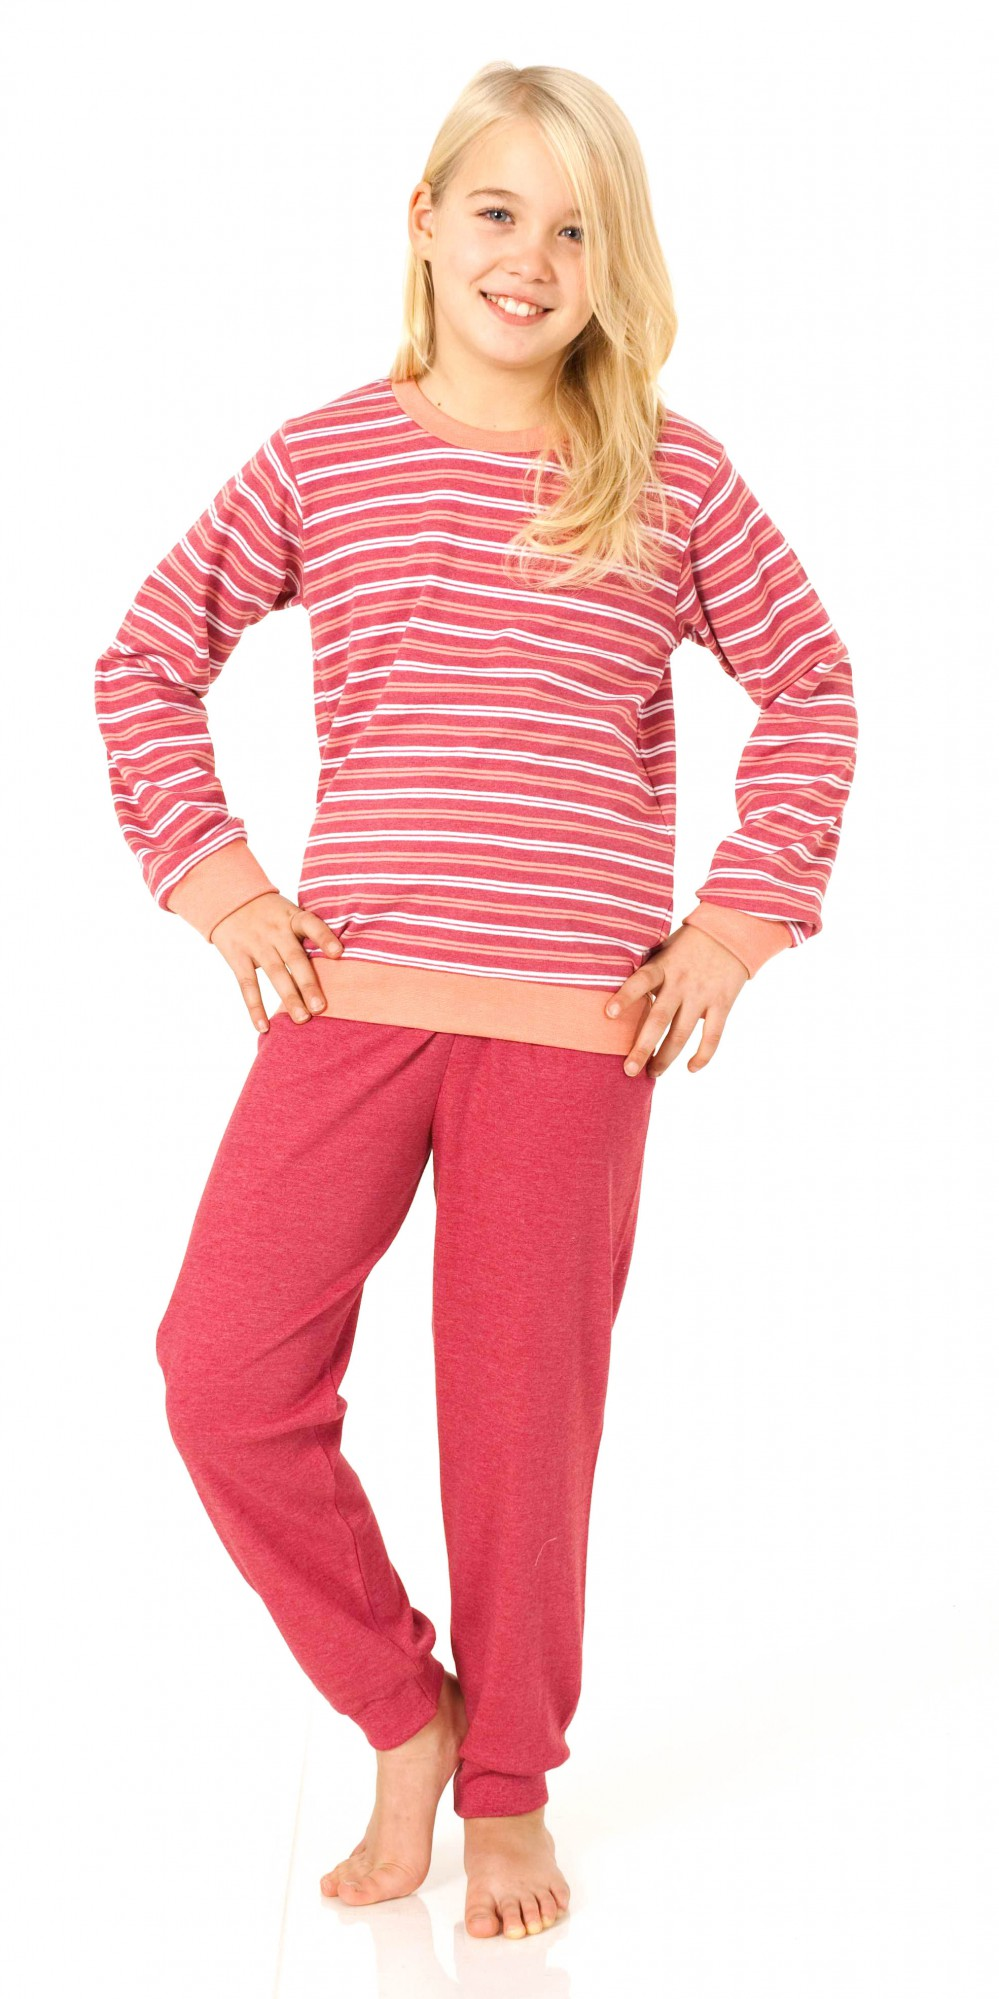 Mädchen Pyjama lang – Kuschel Interlock Schlafanzug mit Bündchen – 55358